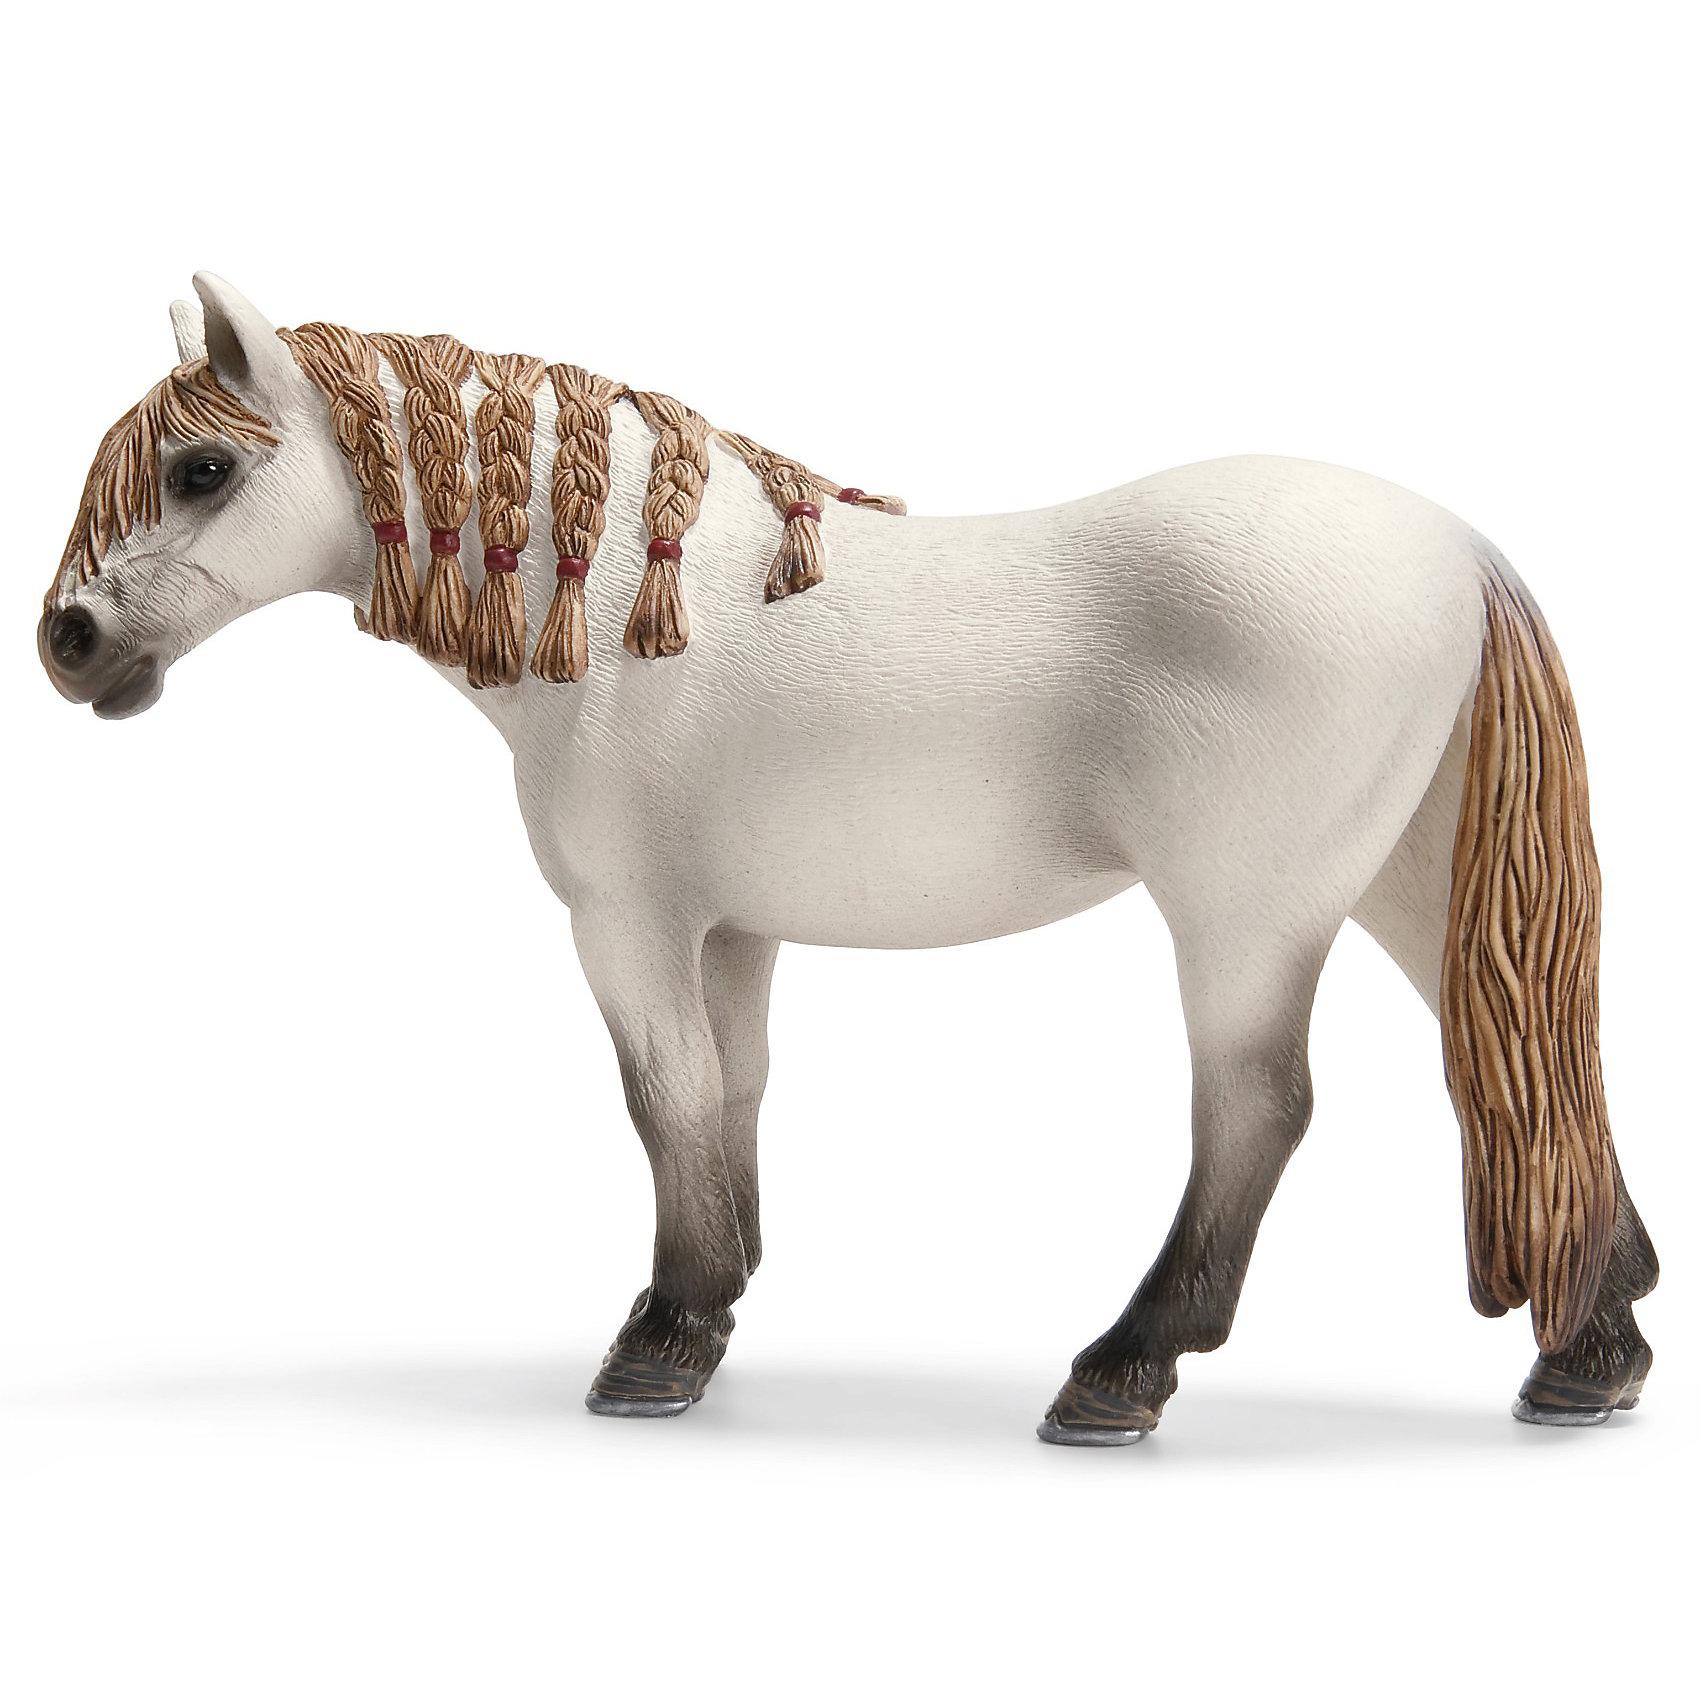 Schleich Кобыла андалузской породы. Серия Лошади, Schleich schleich schleich кенгуру серия дикие животные